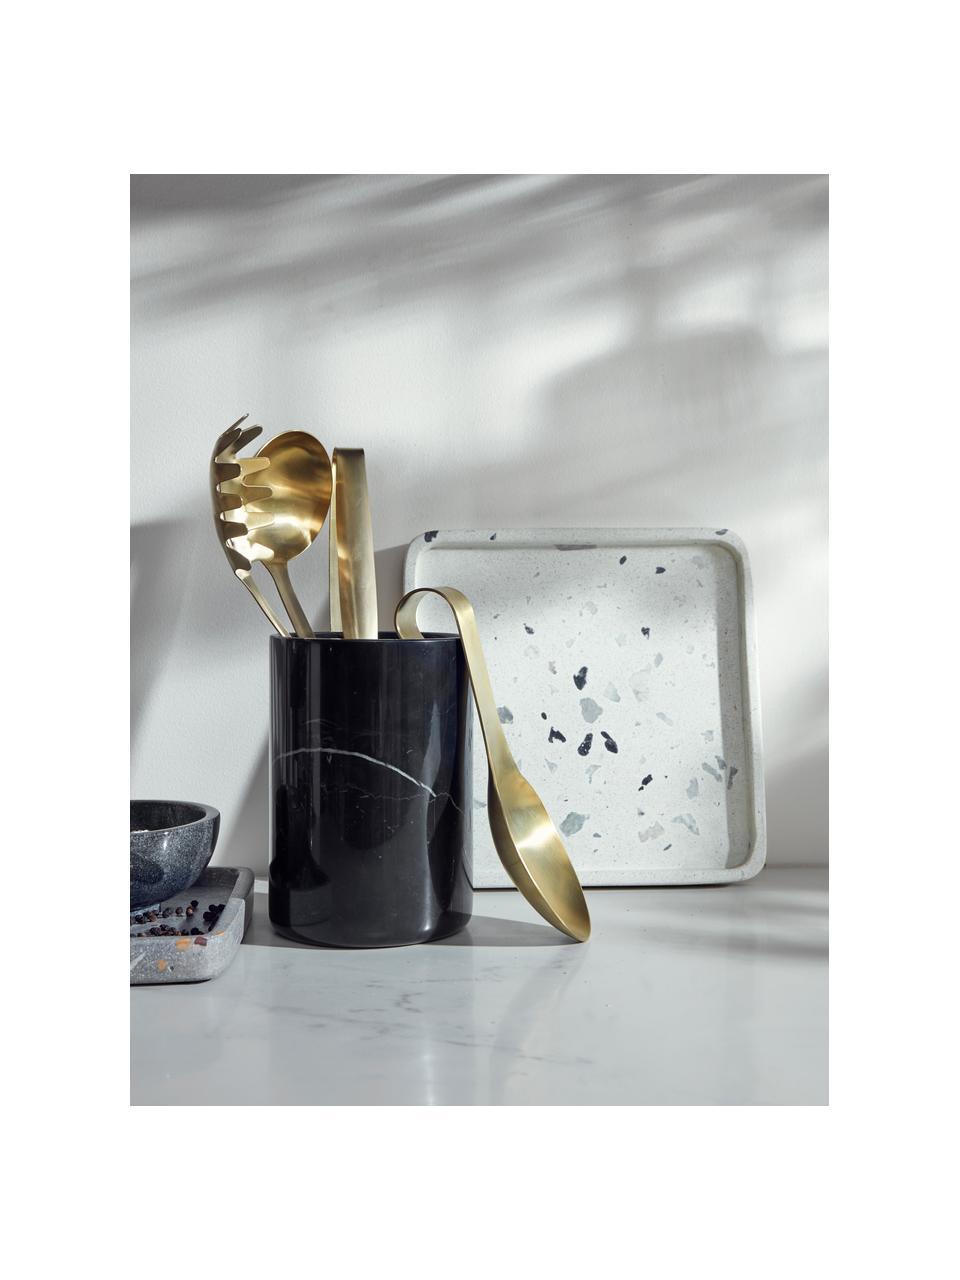 Poggiamestolo dorato opaco Goldies, Acciaio inossidabile, Ottone opaco, Larg. 8 x Lung. 24 cm